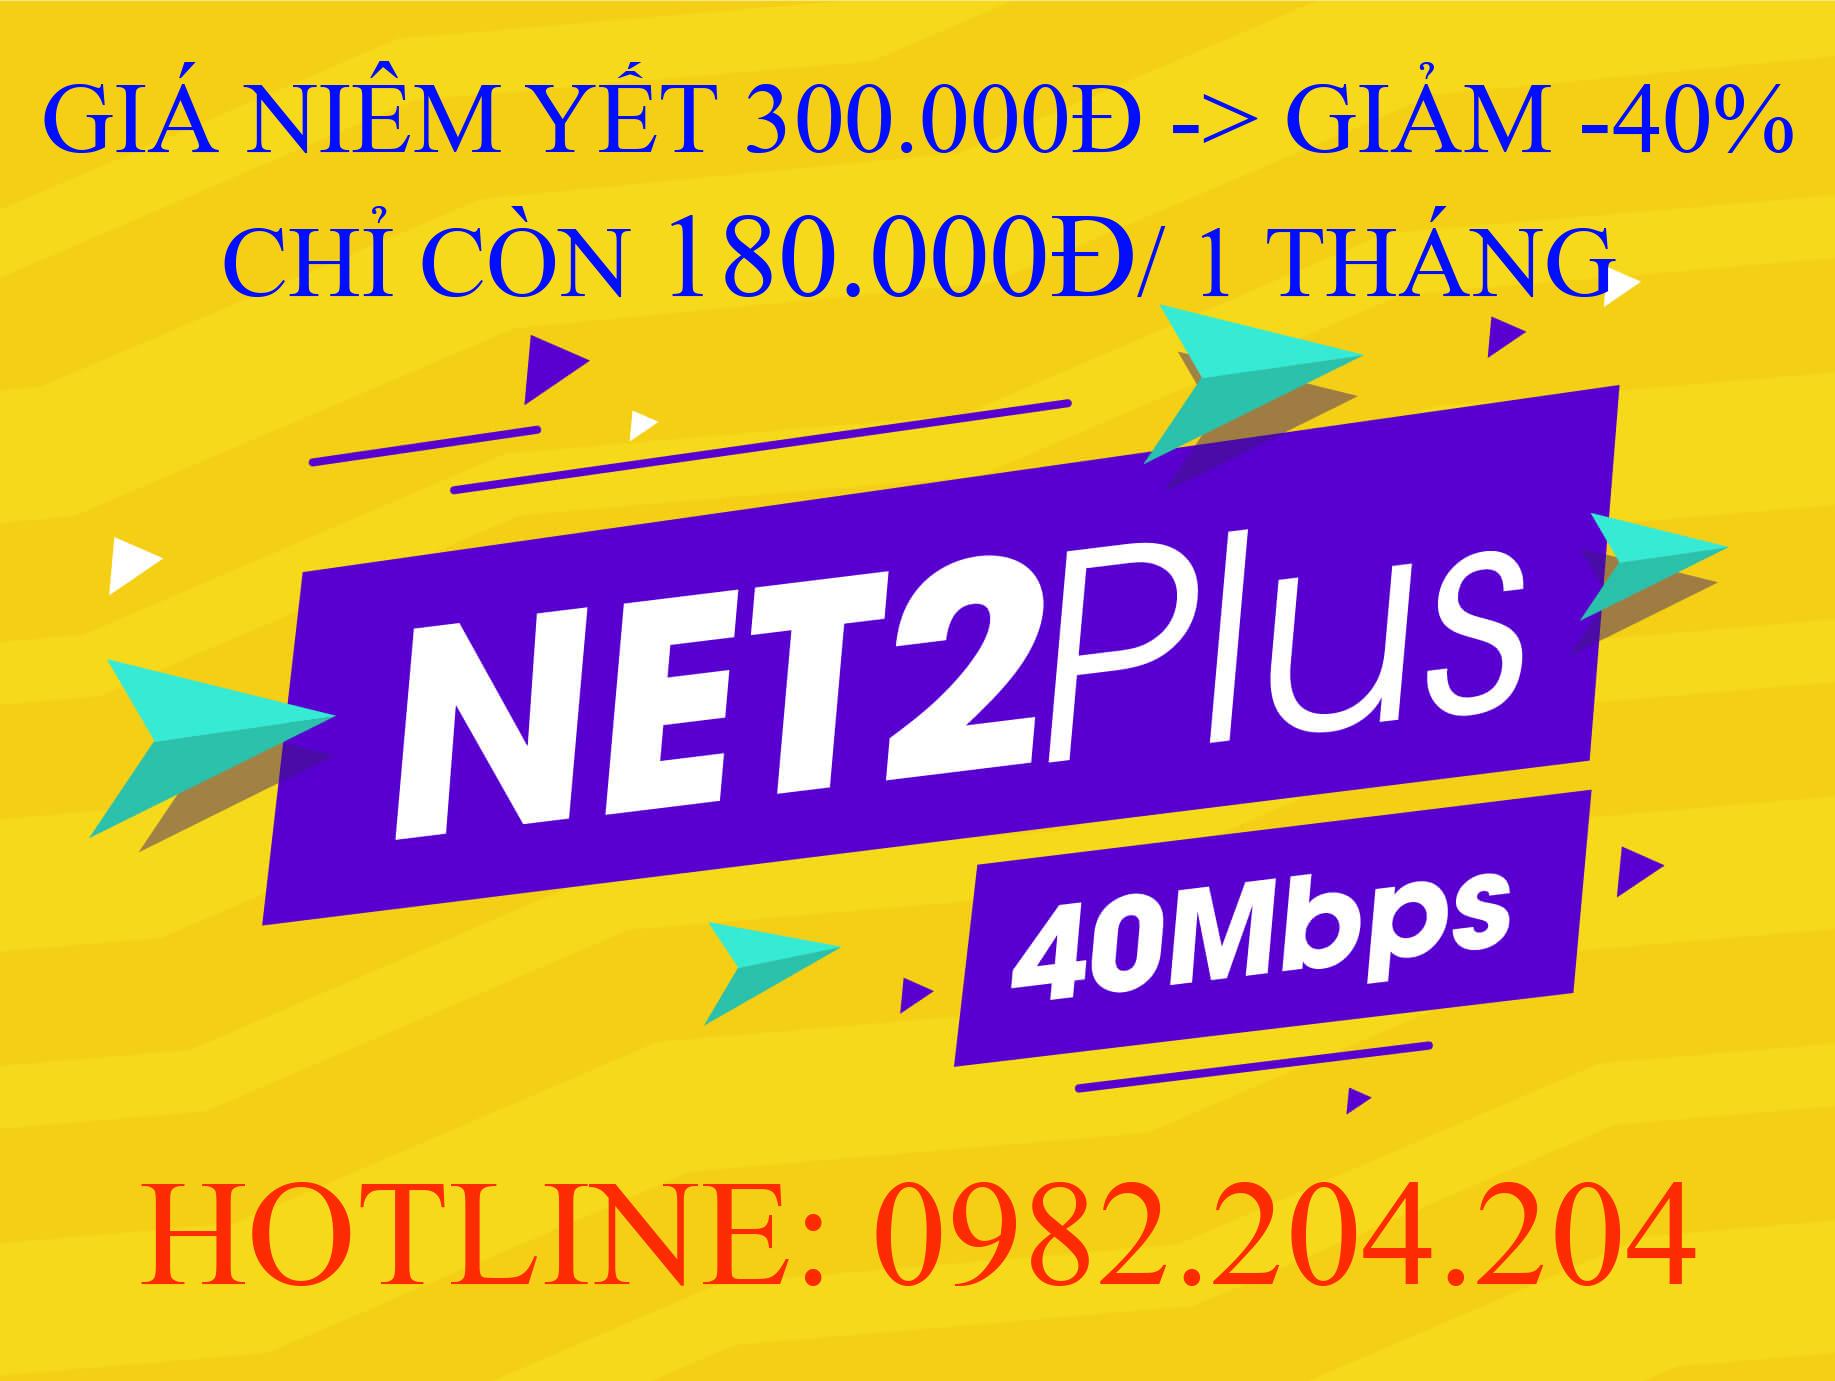 Tổng đài lắp wifi Viettel 0982204204 cung cấp gói Net 2 plus